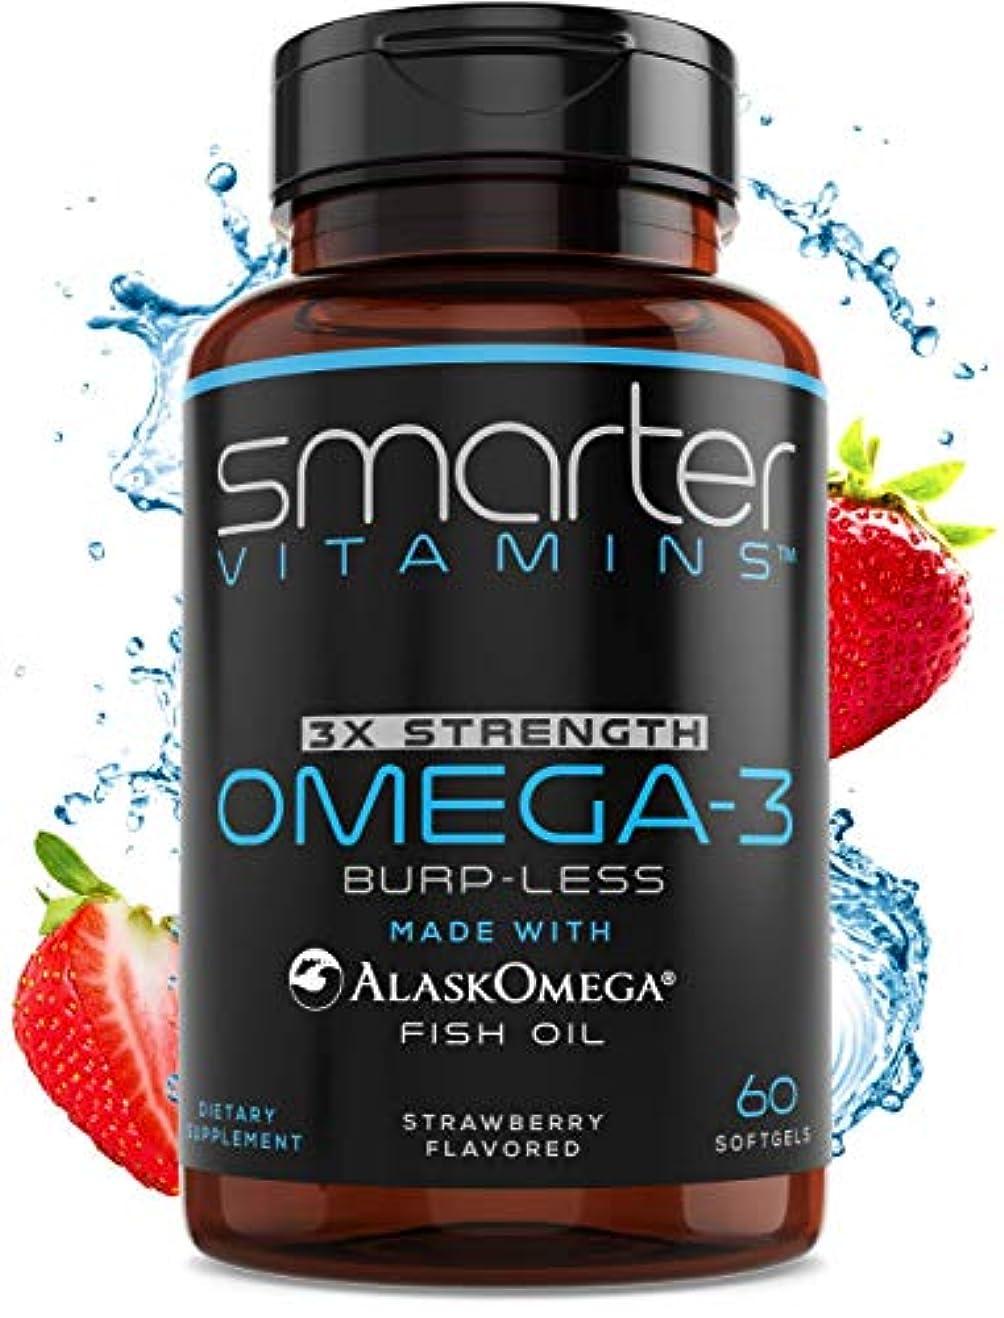 銃感覚あなたのものSmarterVitamins Omega 3 Fish Oil, Strawberry Flavor, Burpless, DHA EPA Triple Strength 60粒